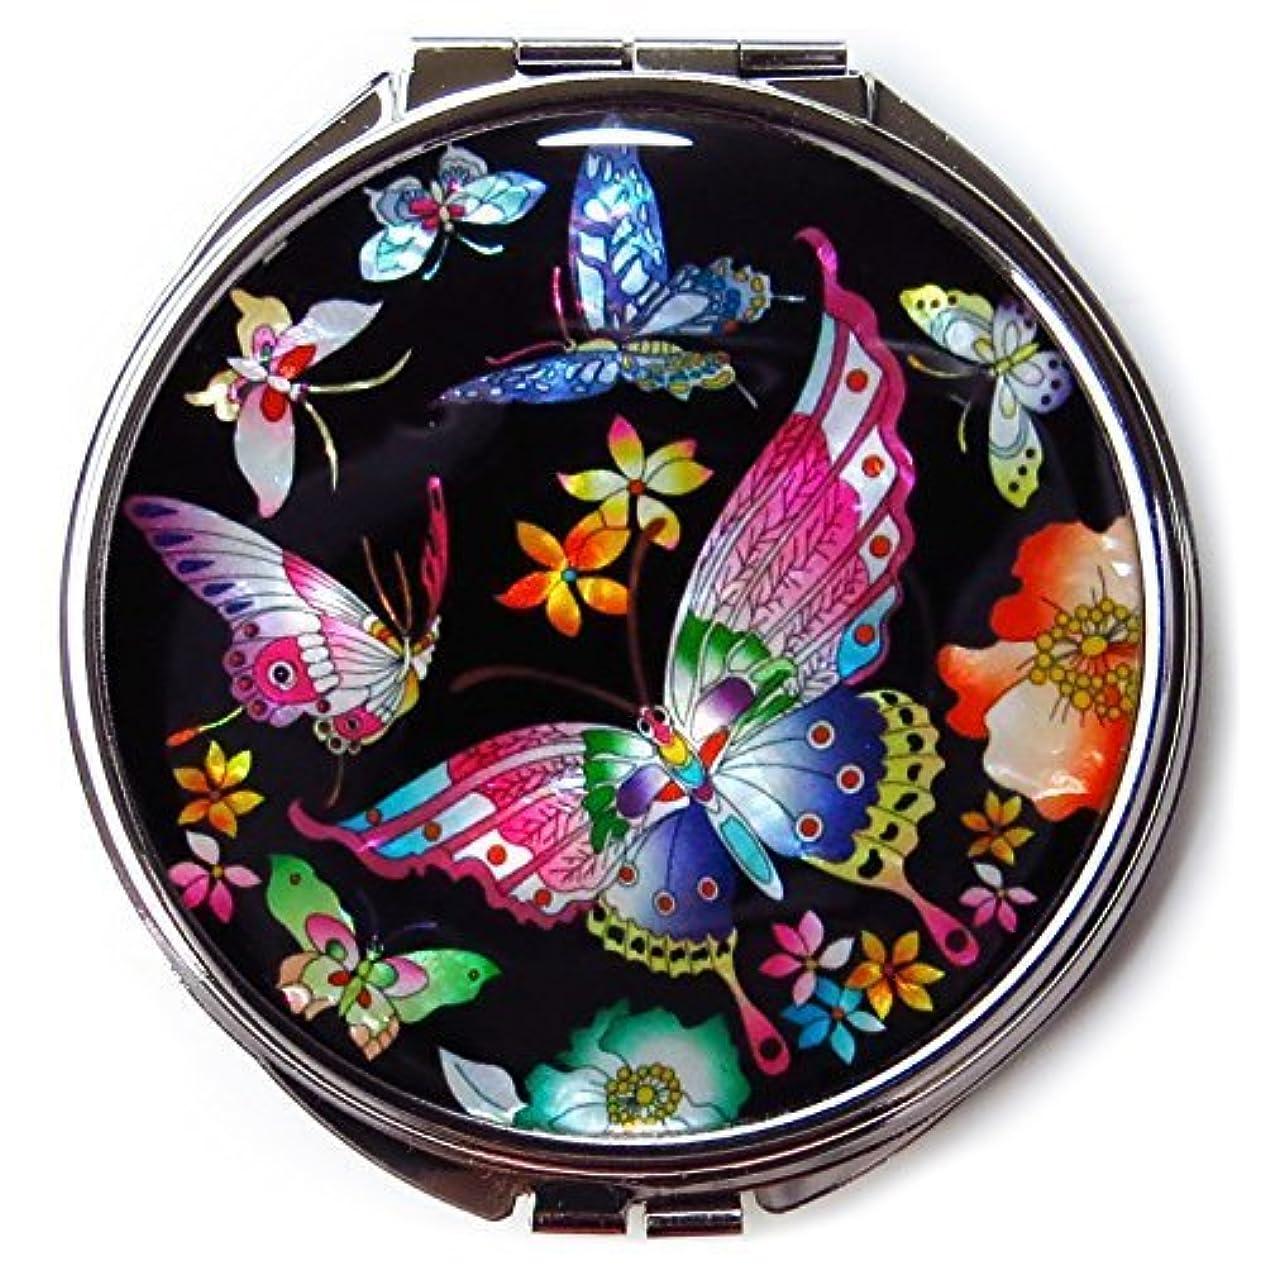 MADDesign #3黒真珠金属蝶の韓国化粧コンパクトミラー母 黒、赤、黄、青、ピンク、緑、紫 [並行輸入品]